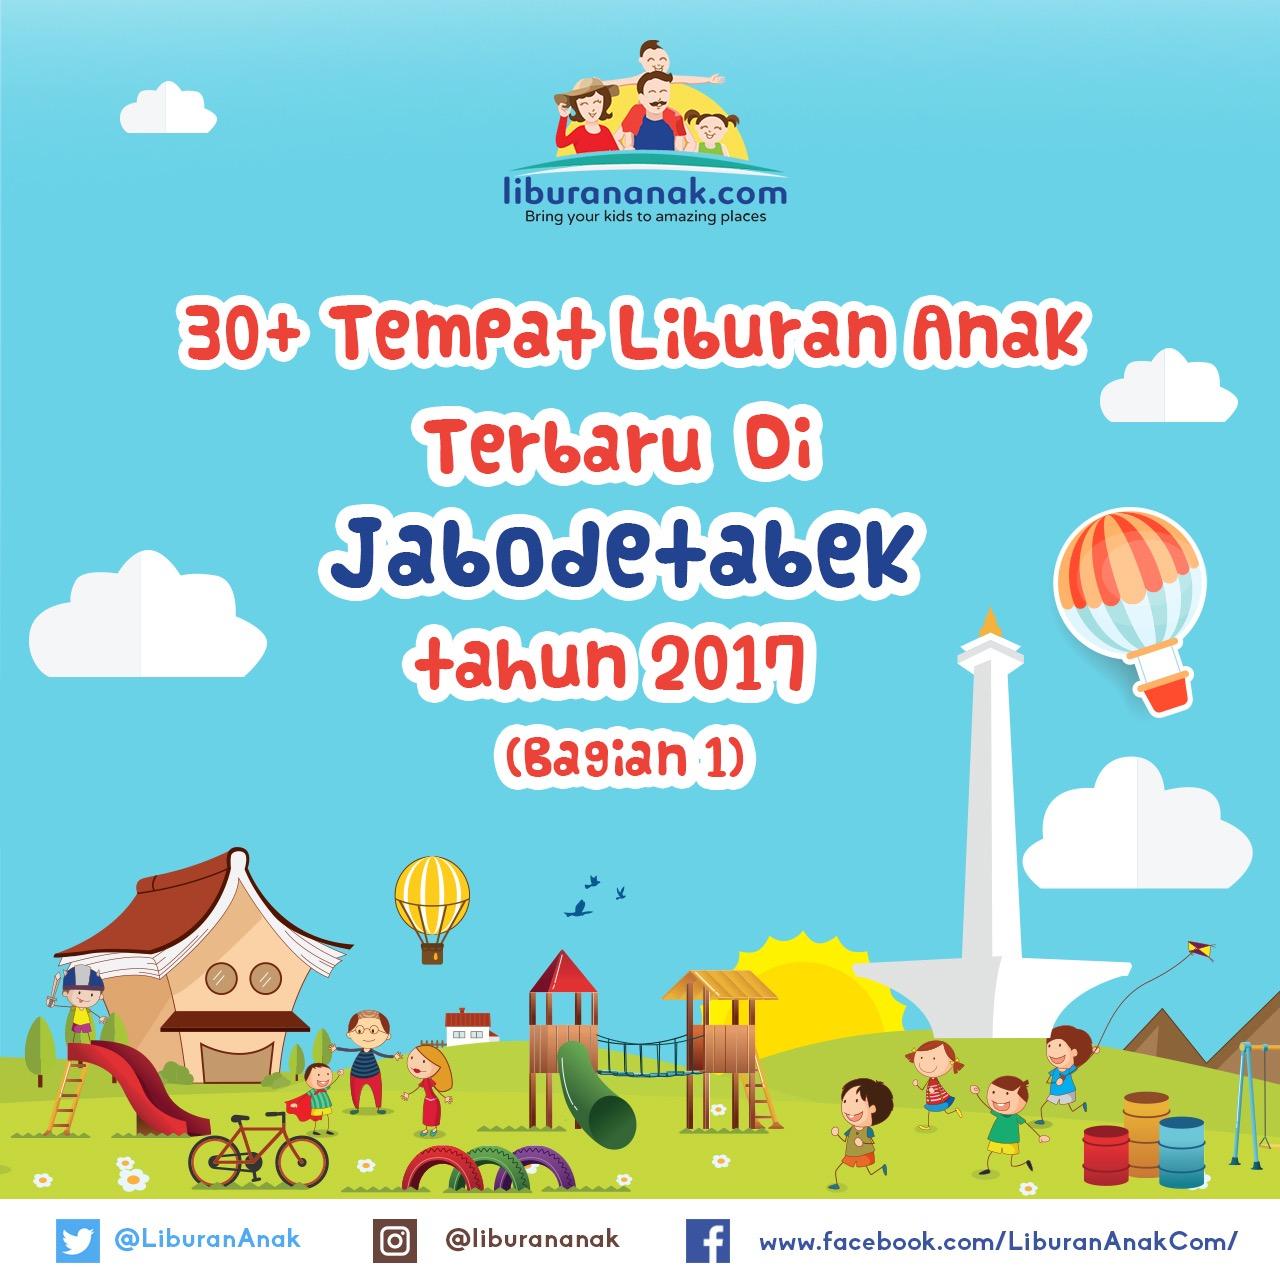 6+ Tempat Liburan Anak Terbaru 6 Di Jakarta & Sekitarnya